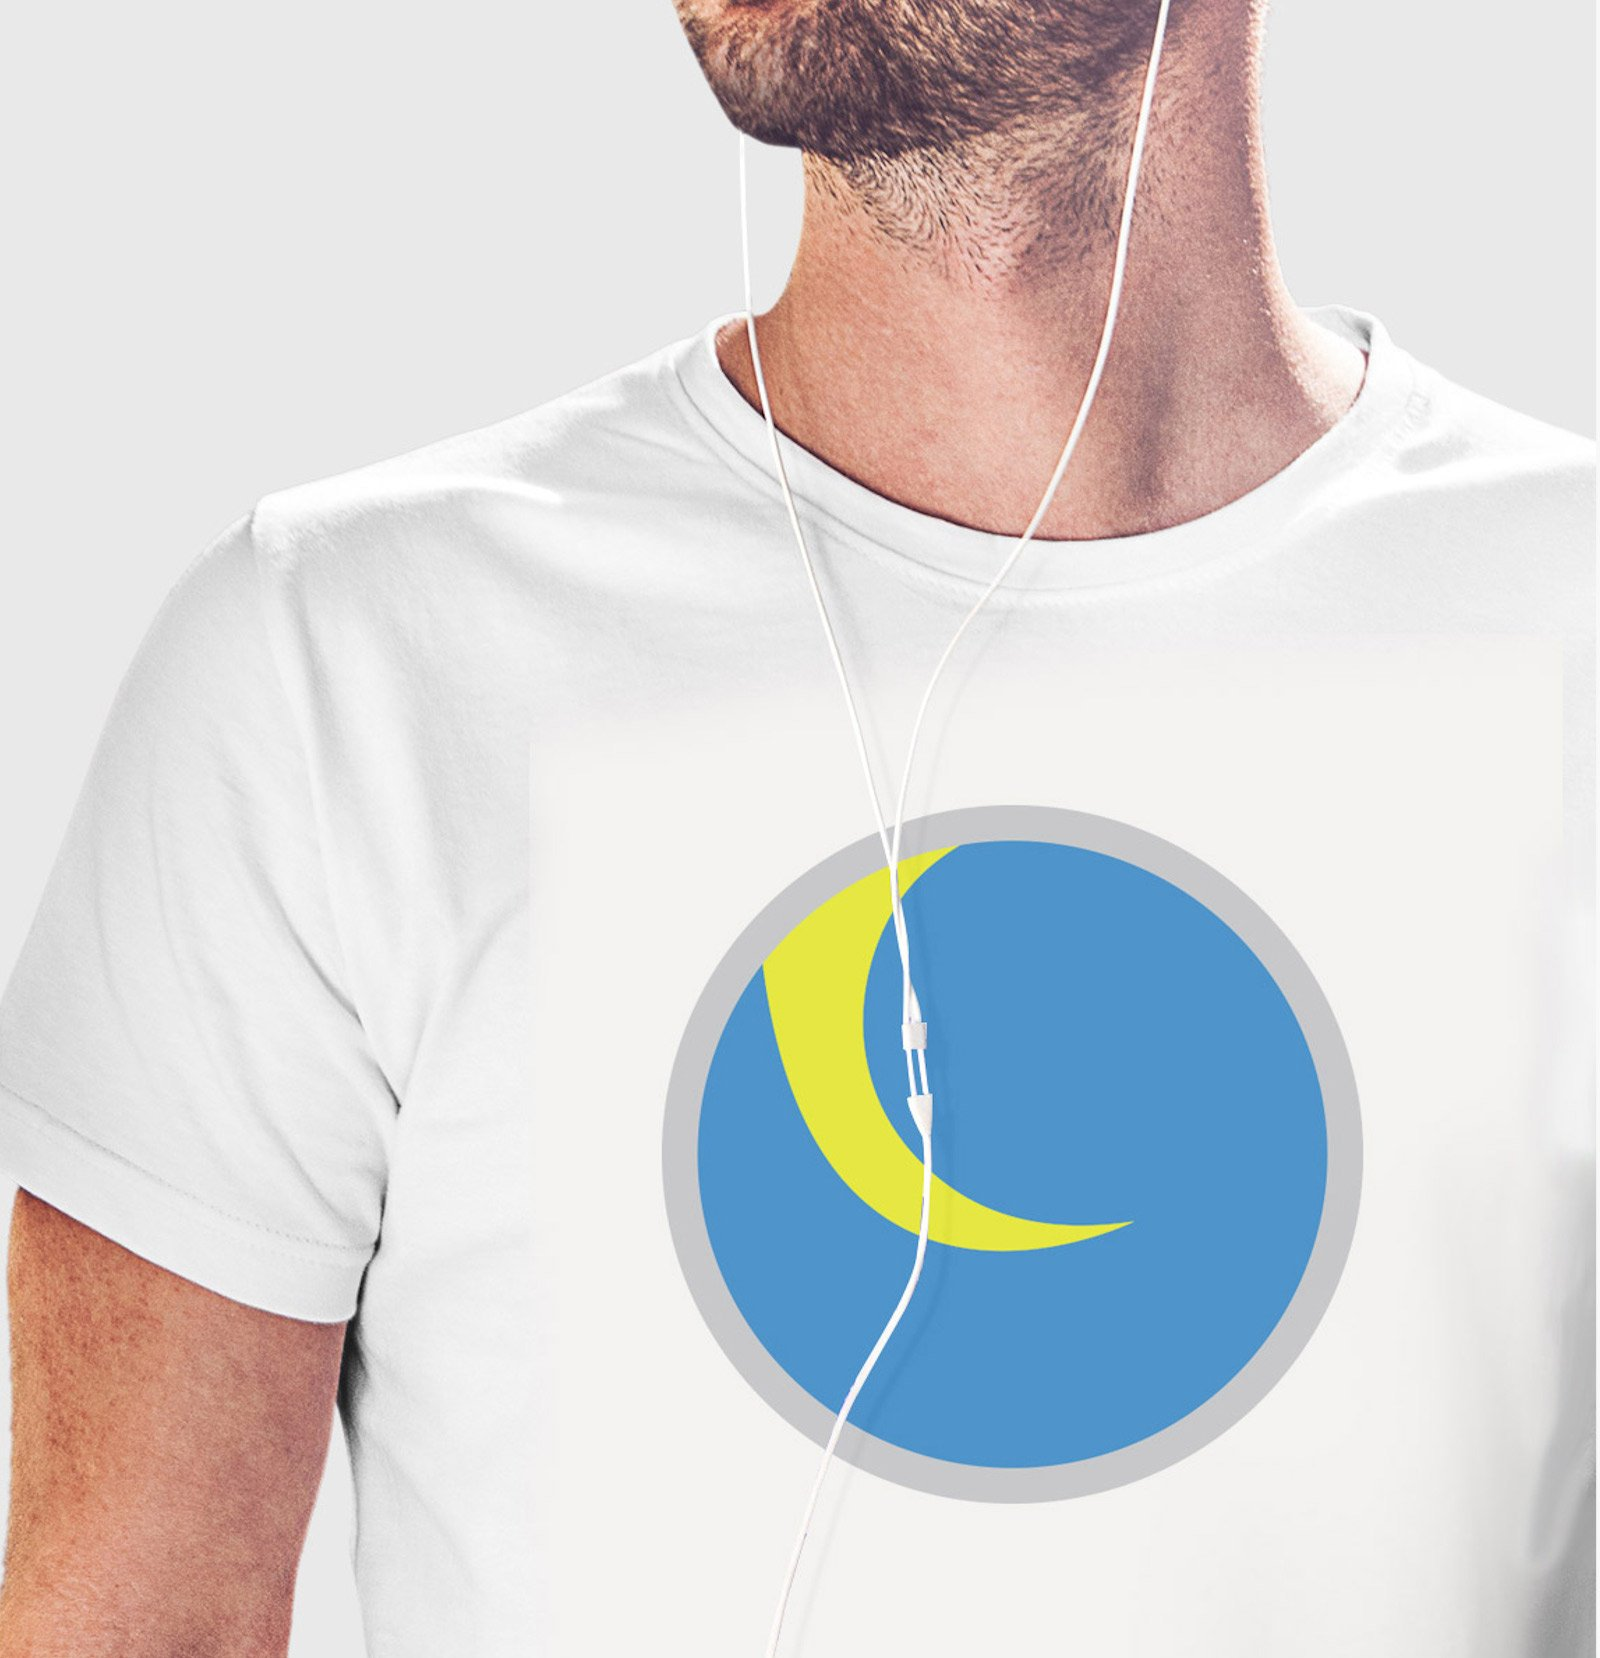 Tshirt-Mockup2-PSD